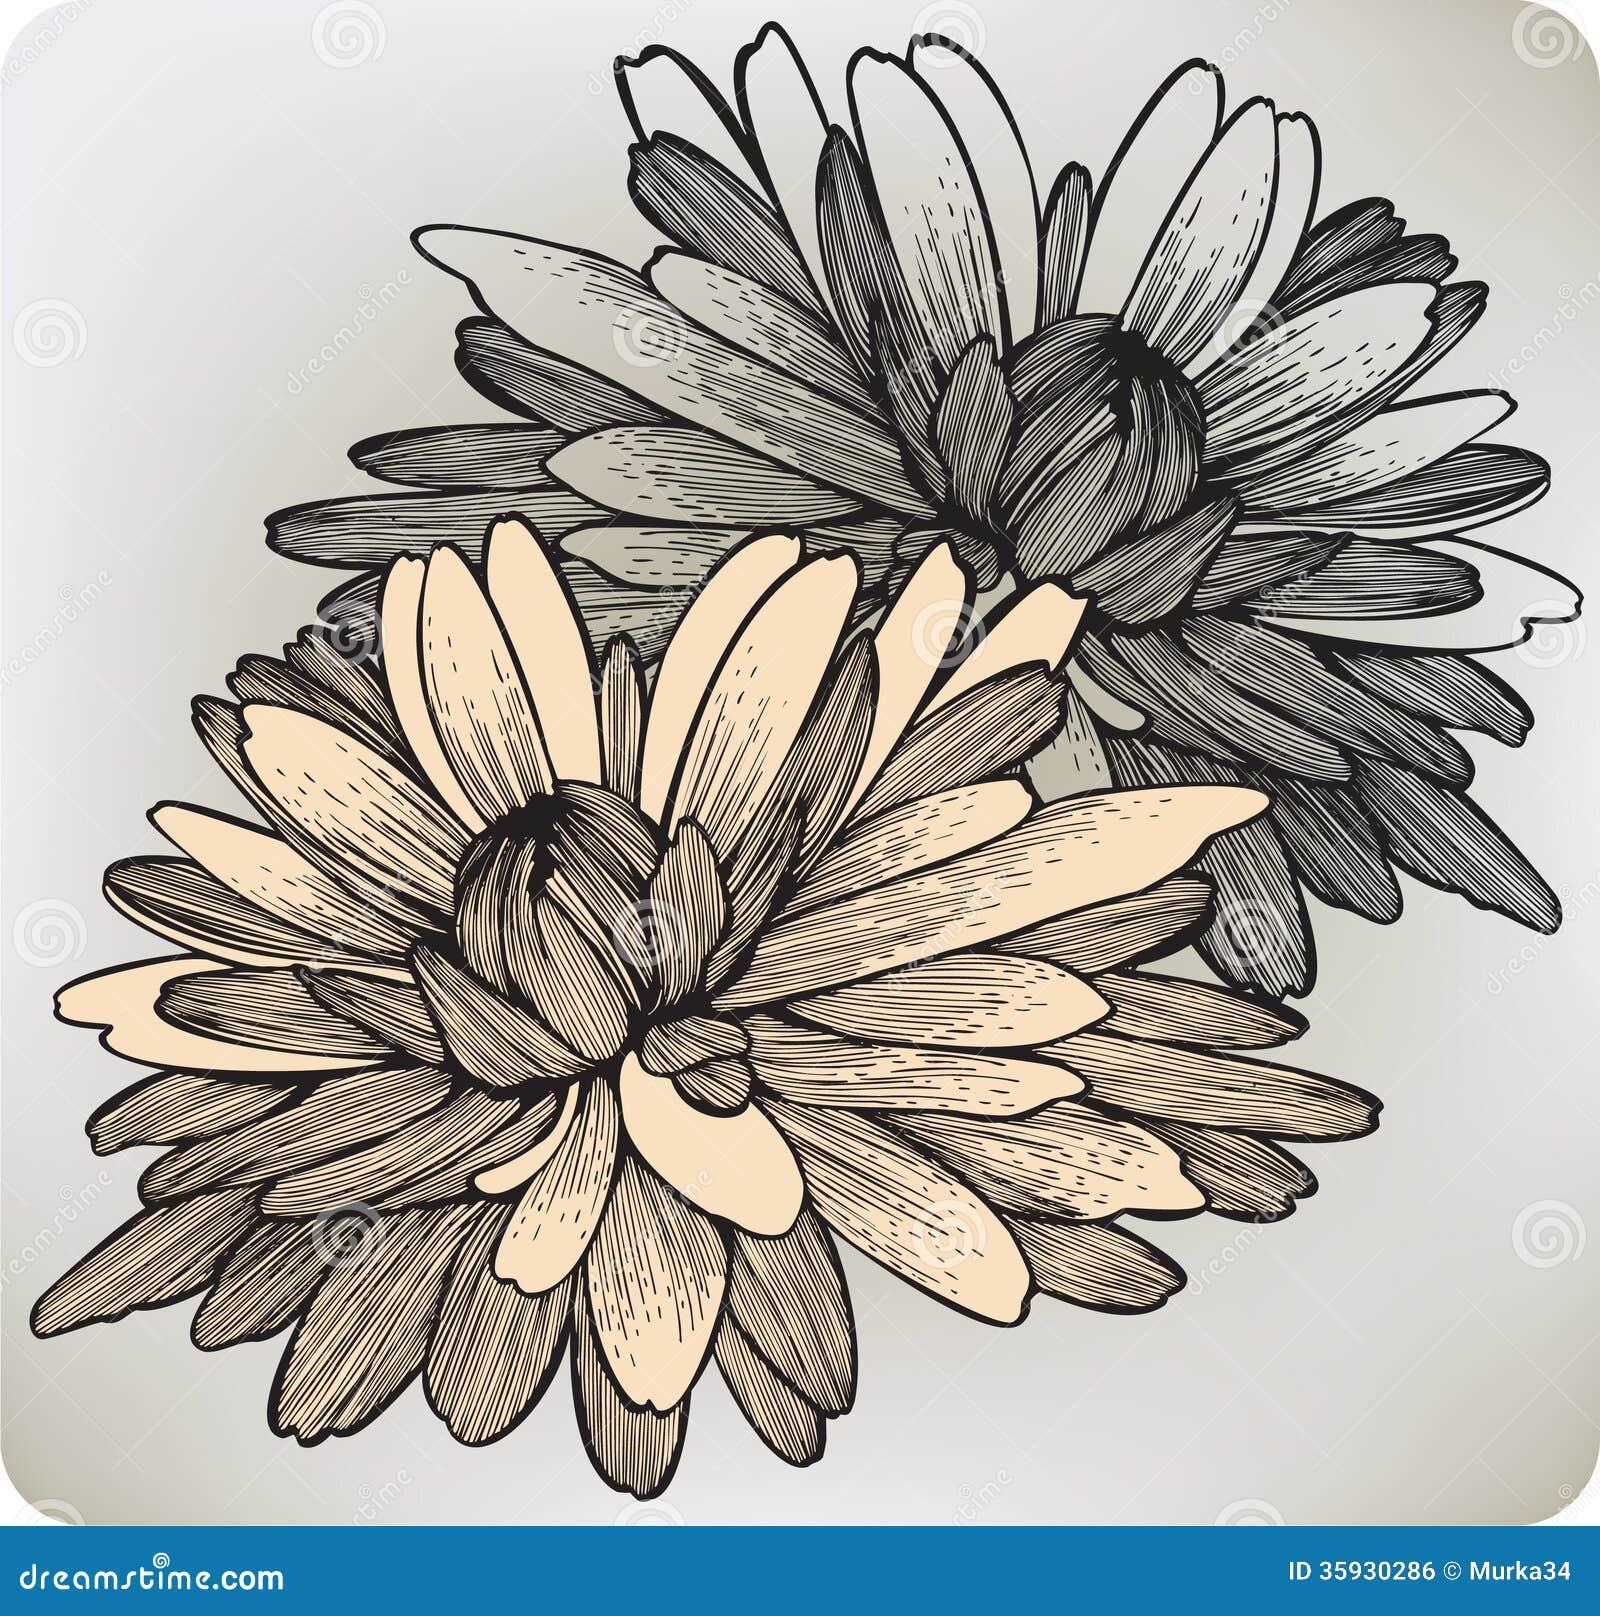 Chrysanthemum Flower Line Drawing : Chrysanthemum flower hand drawing vector illustr royalty